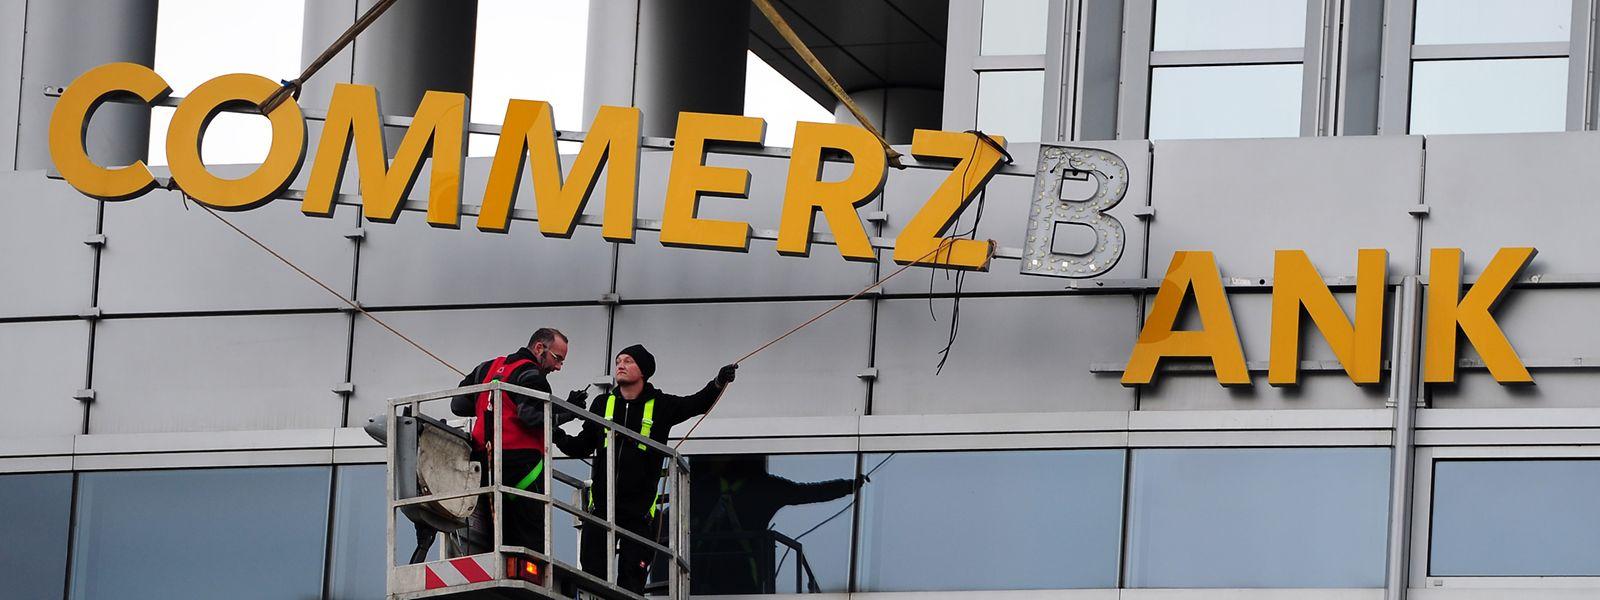 Der Konzern wird umgebaut. Die Commerzbank in Luxemburg schließt 2024 ihre Türen.